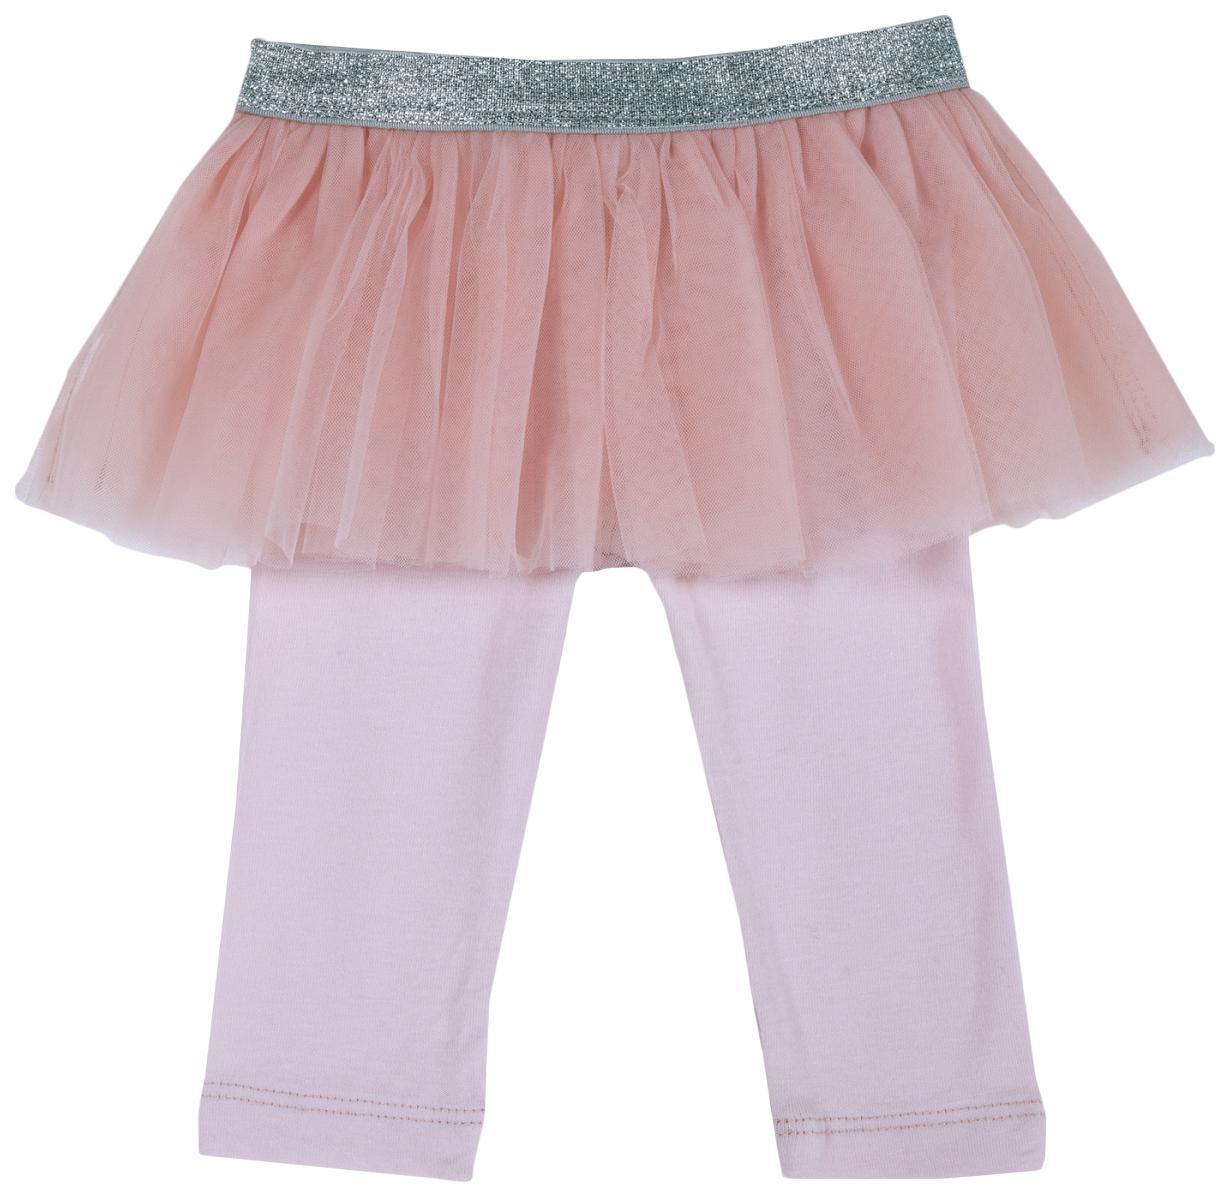 Купить 102855-M, Леггинсы Chicco с юбкой, размер 086, цвет розовый, Детские легинсы